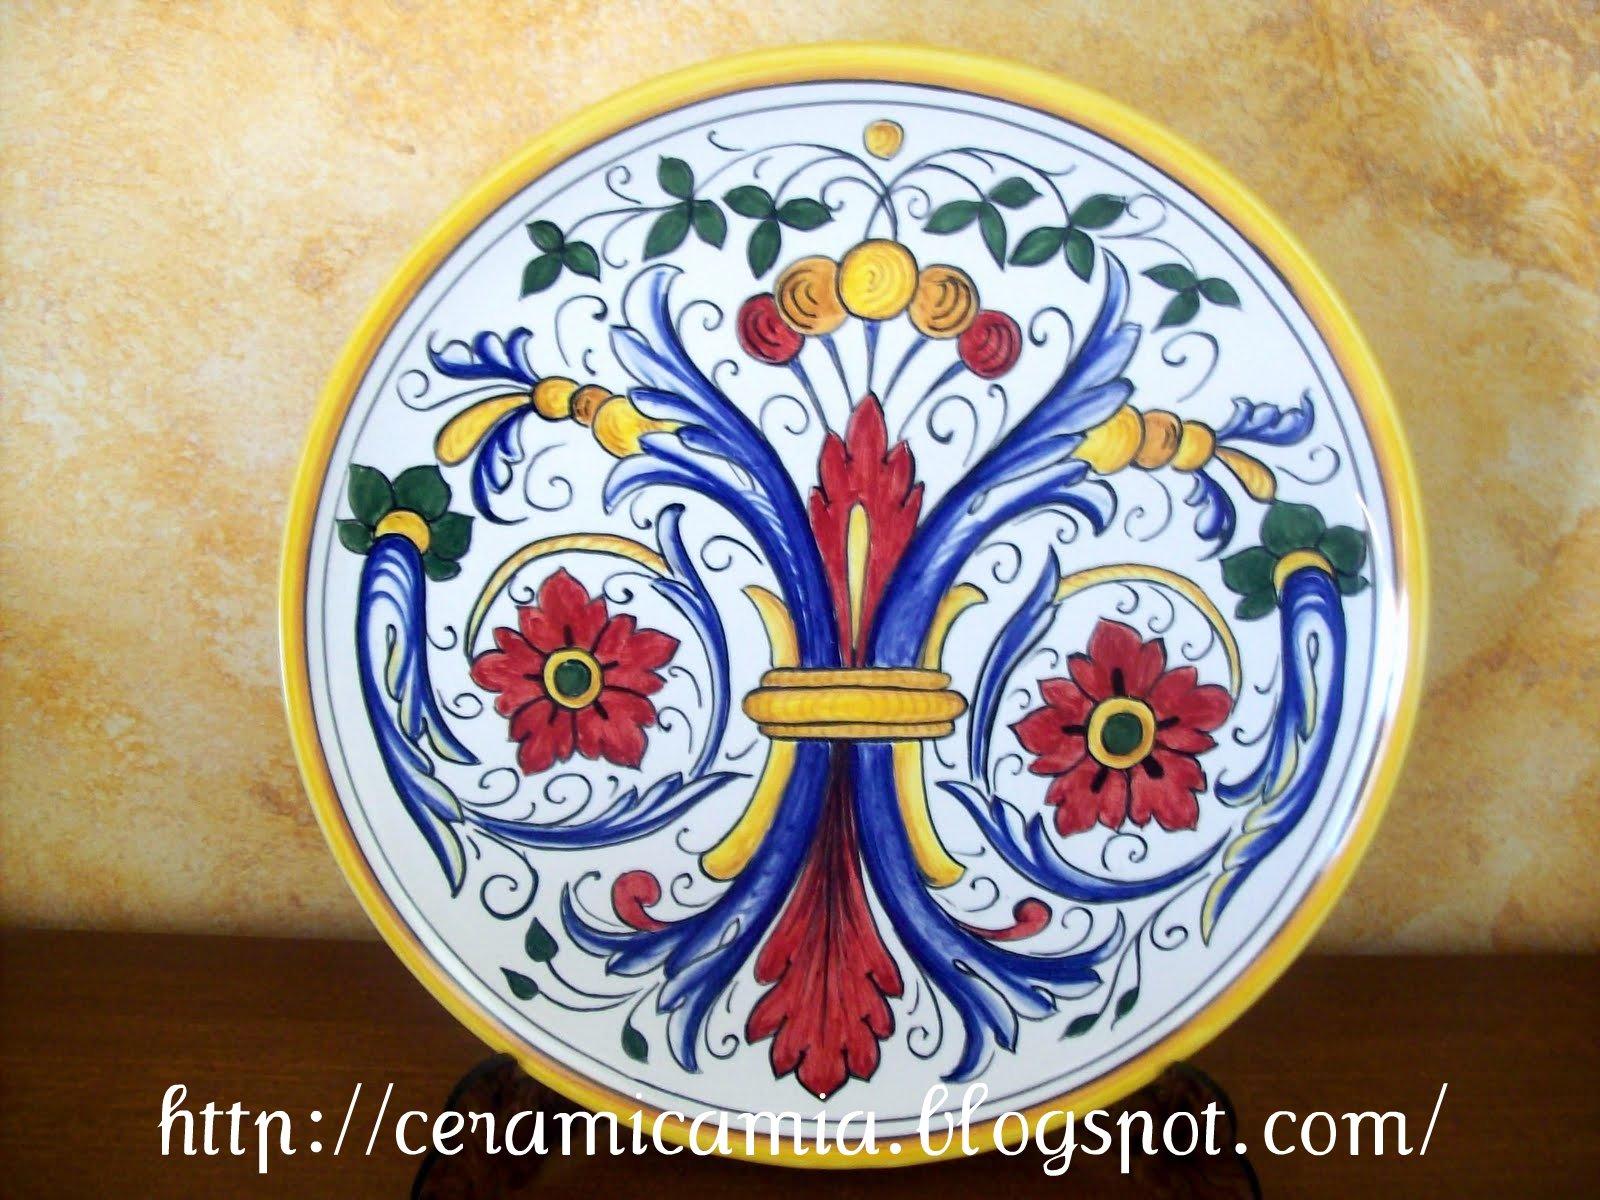 mattonelle marroni con decori fiori oro : Ceramica che passione: Tipi delle decorazioni su maiolica